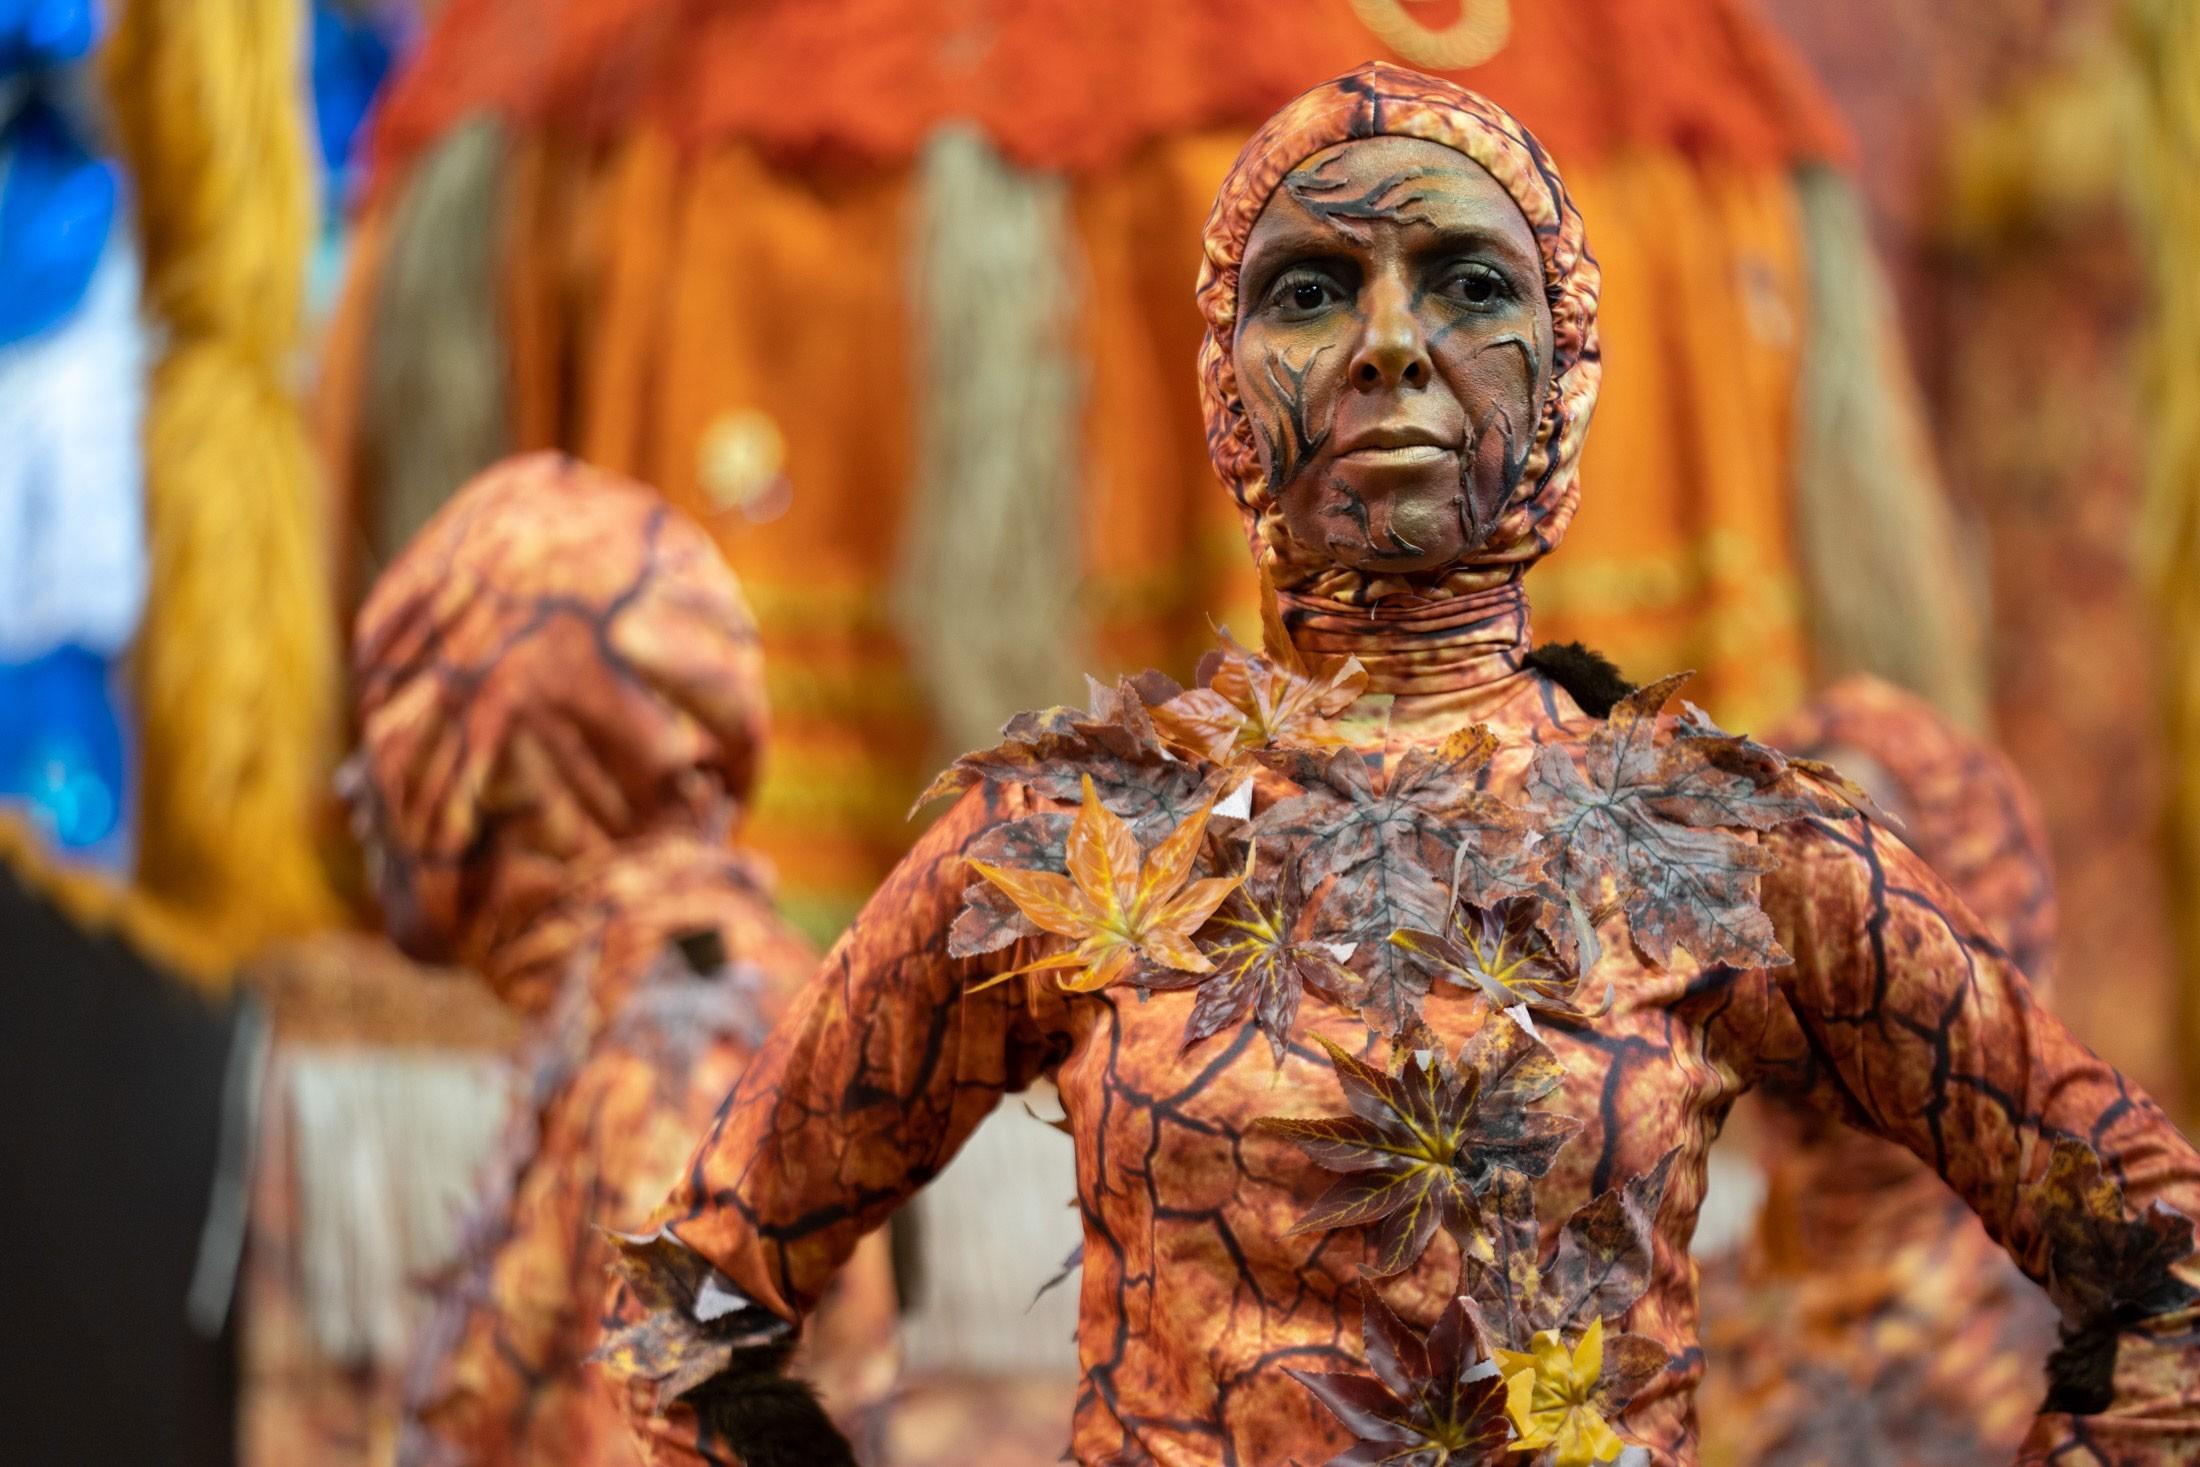 Barroca Zona Sul volta à elite após 15 anos cantando Tereza de Benguela, líder de quilombo